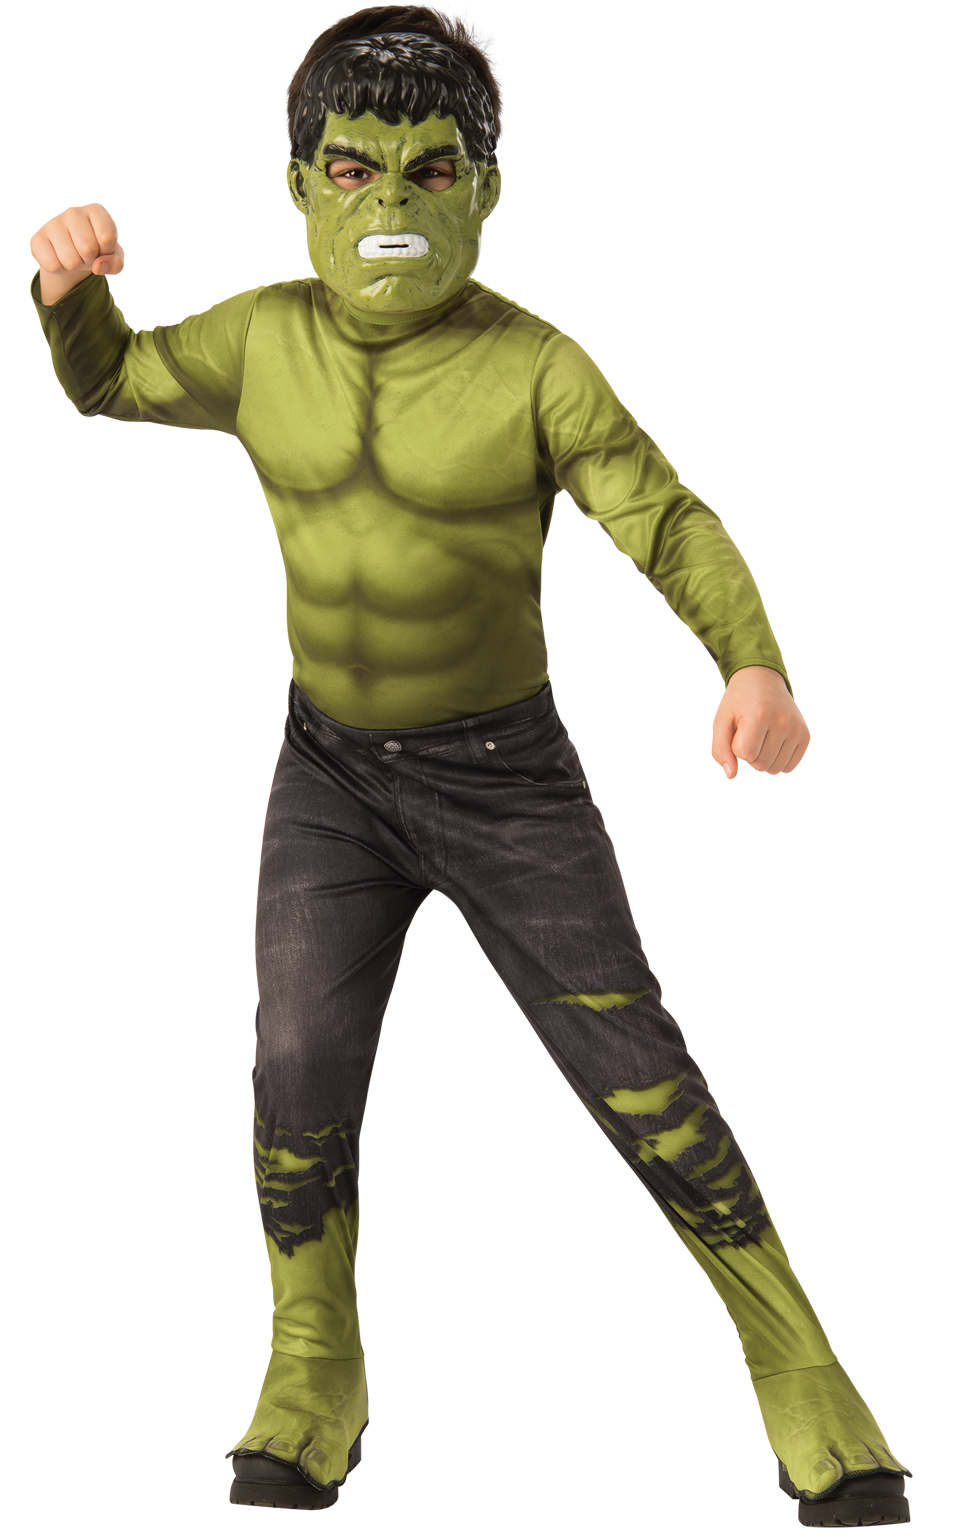 Avengers Endgame: Hulk - Classic kostým s maskou vel. M